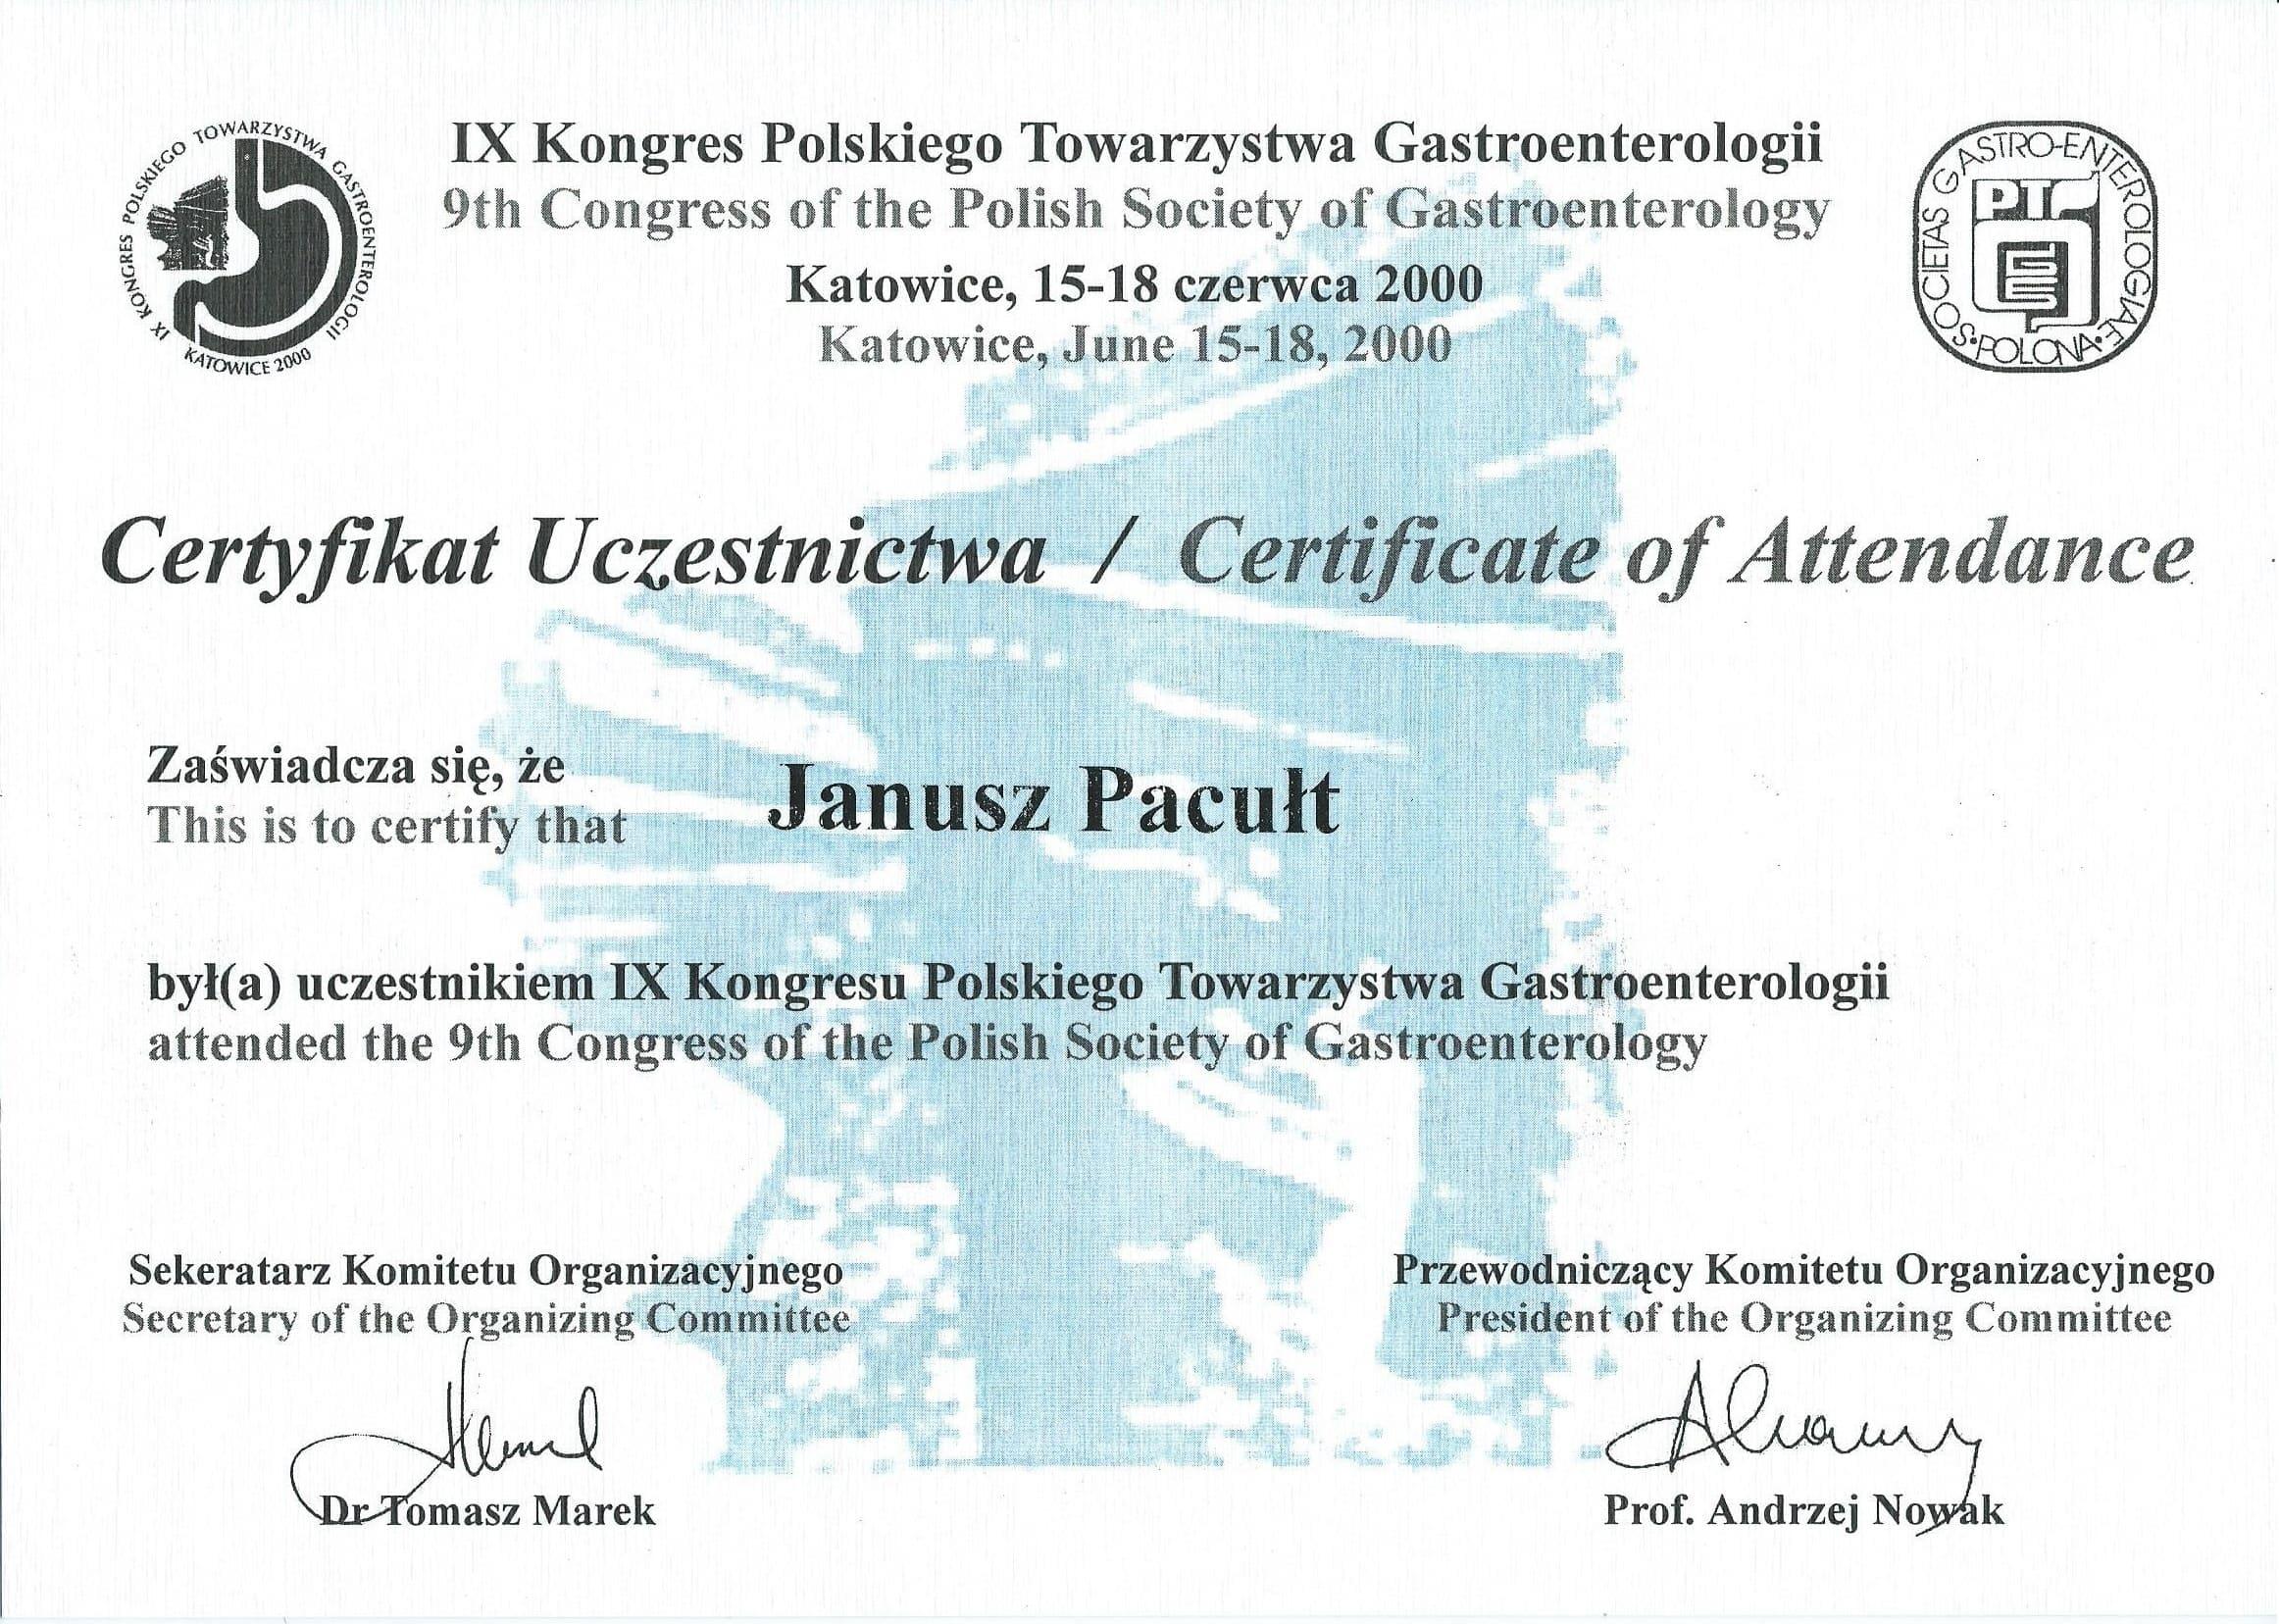 2000 Gastroenterologia K-ce